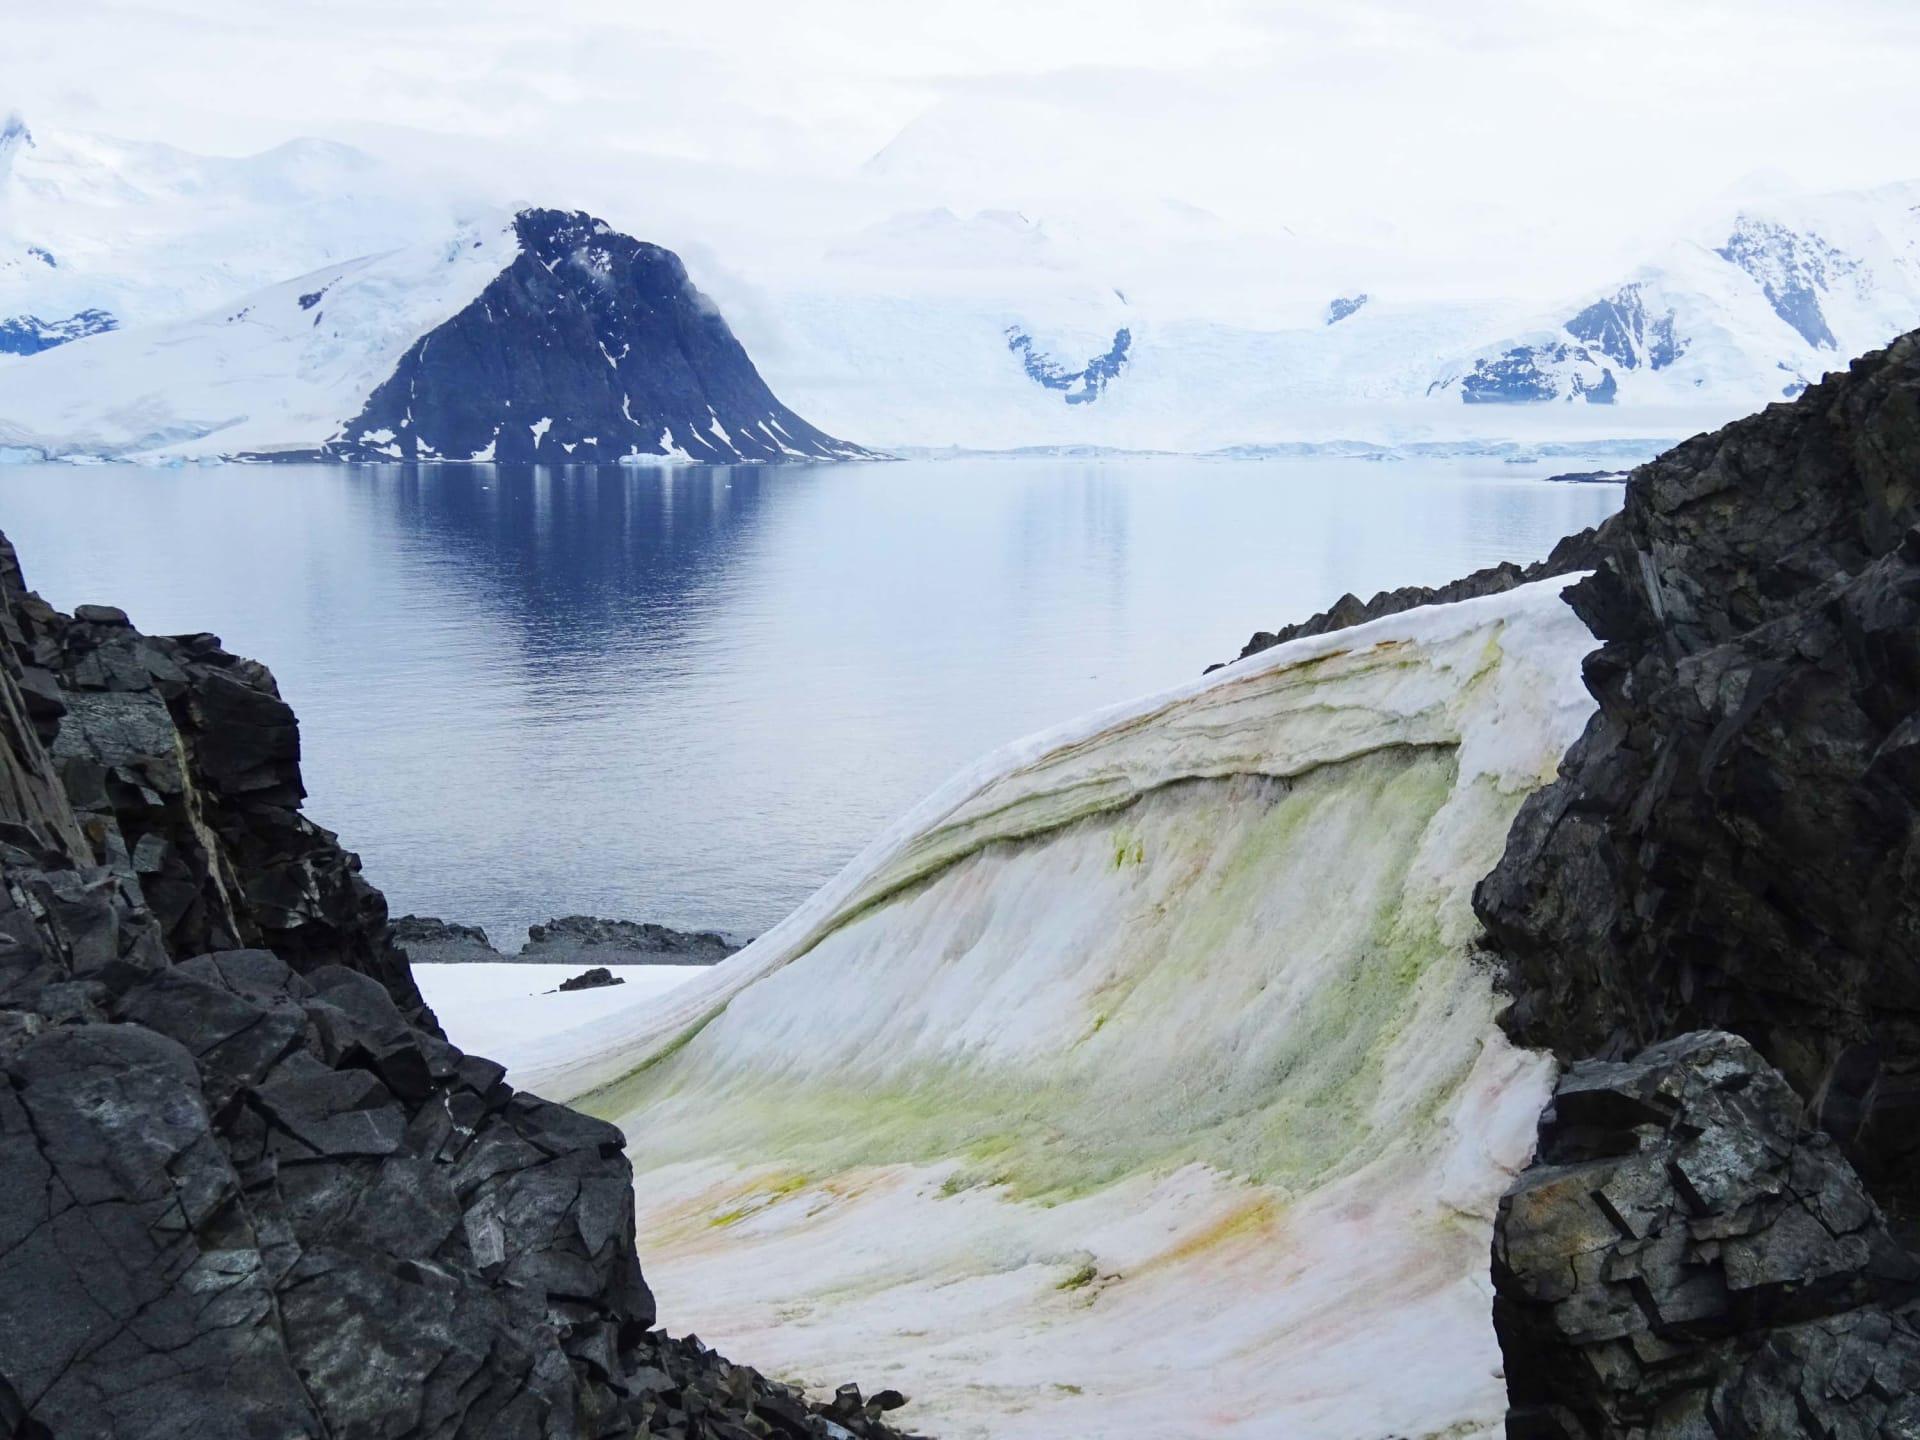 الثلج يتحول إلى اللون الأخضر في القارة القطبية الجنوبية وسيجعل تغير المناخ الأمر أسوأ